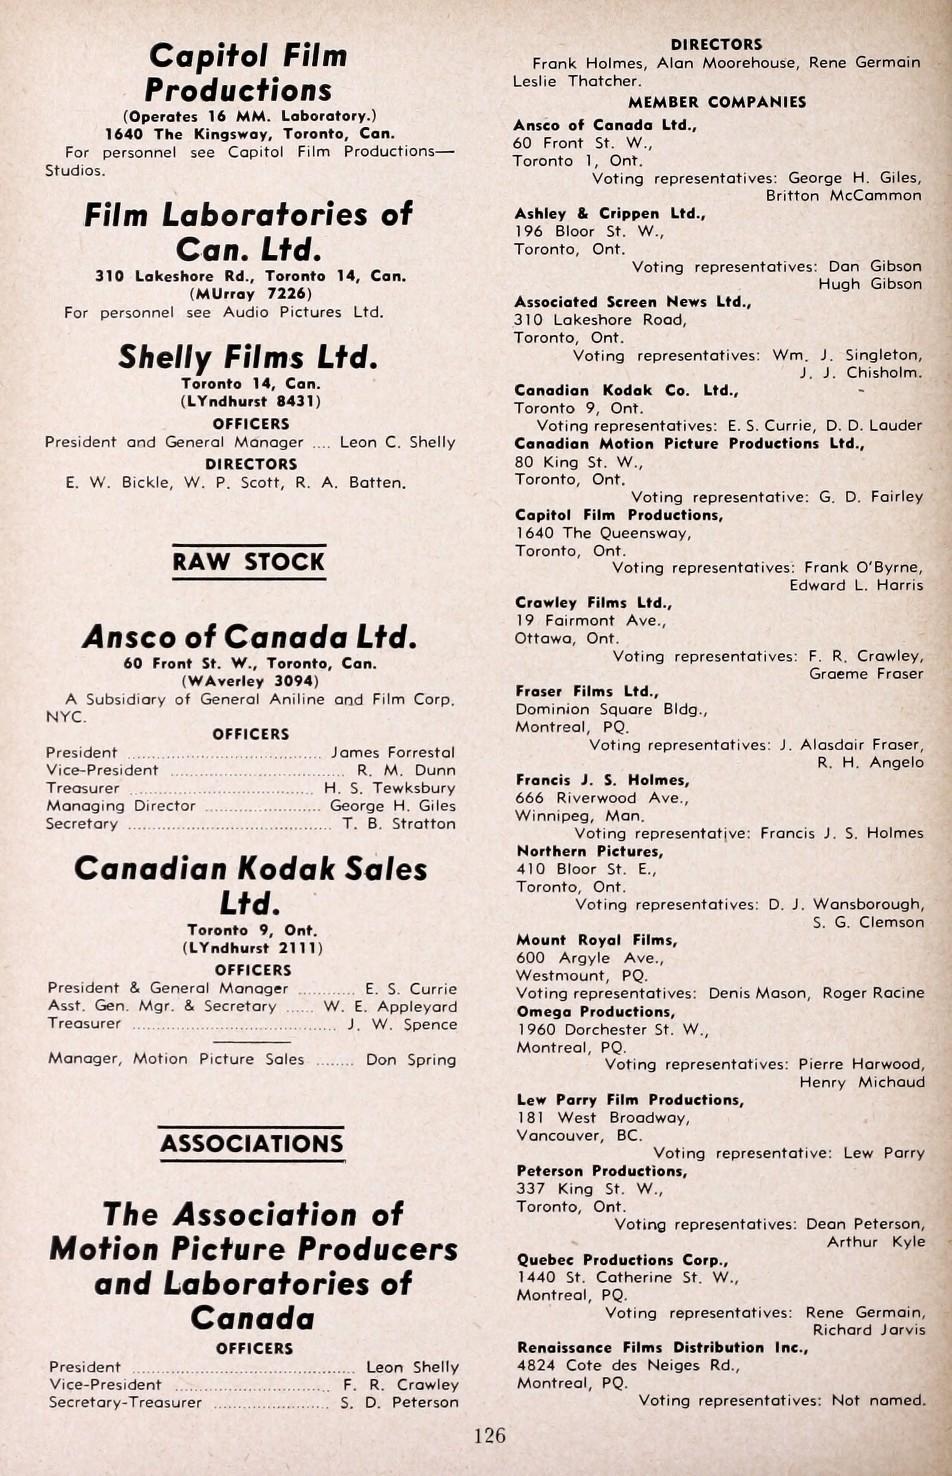 1951yearbookcana00film_jp2.zip&file=1951yearbookcana00film_jp2%2f1951yearbookcana00film_0128